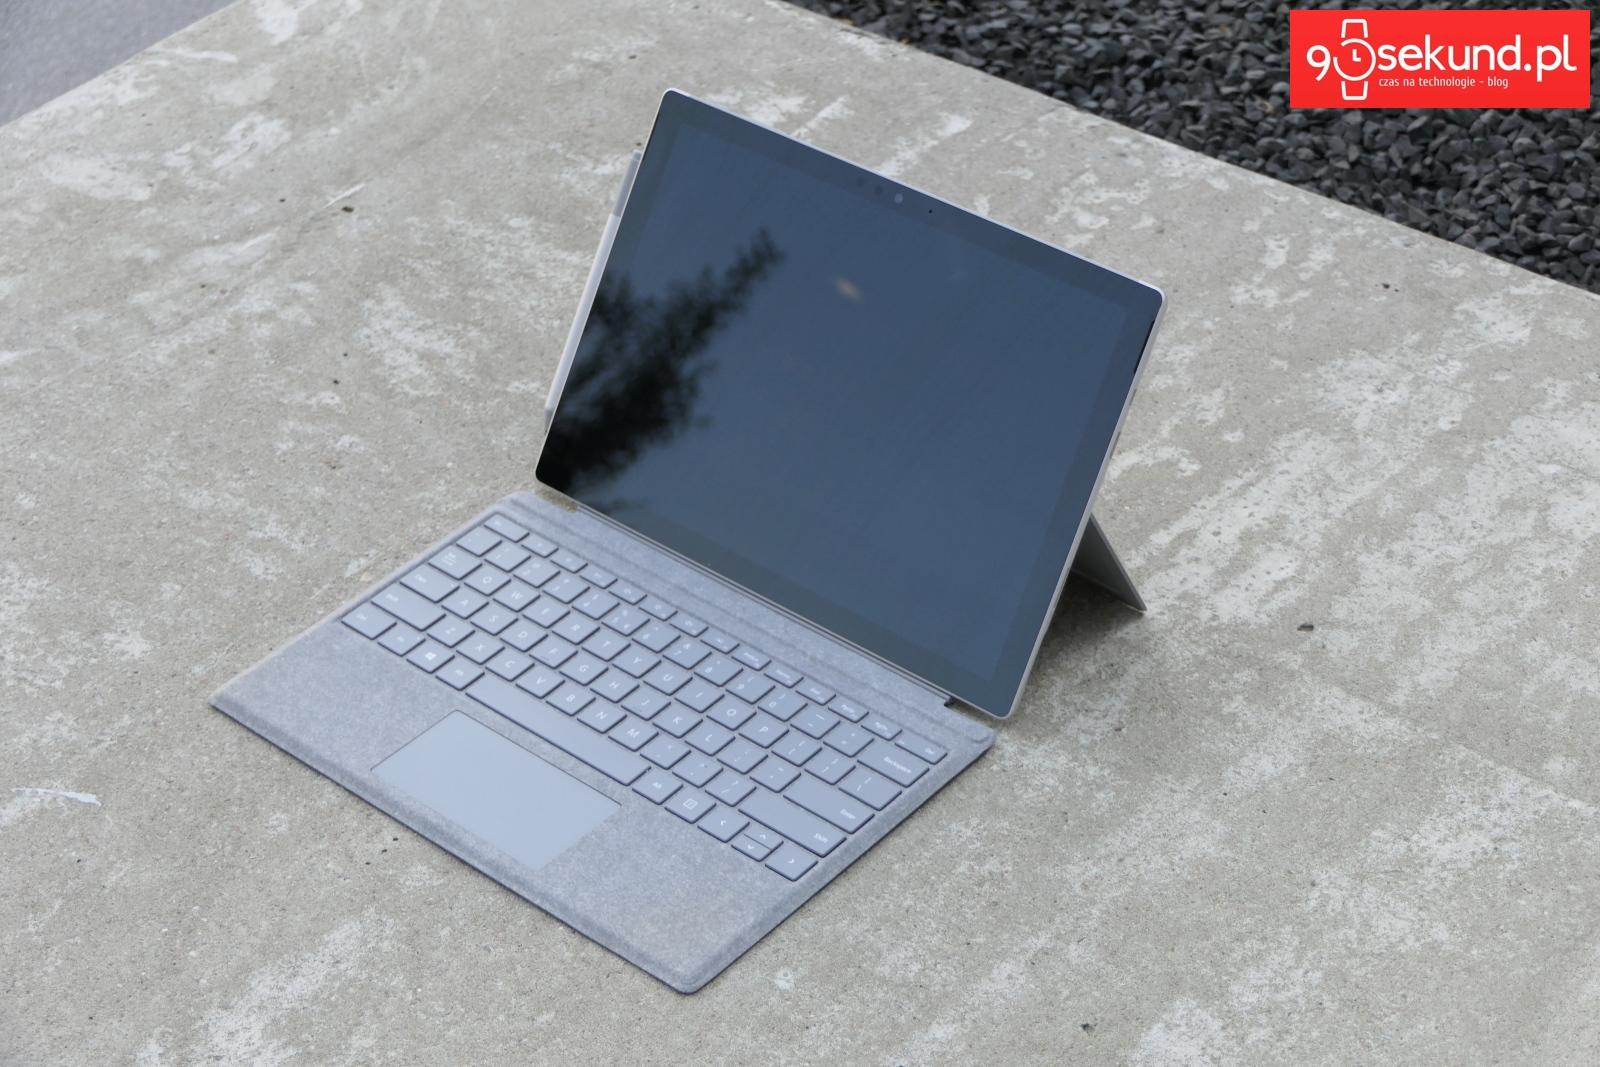 Recenzja Microsoft Surface Pro (2017) - Michał Brożyński - 90sekund.pl